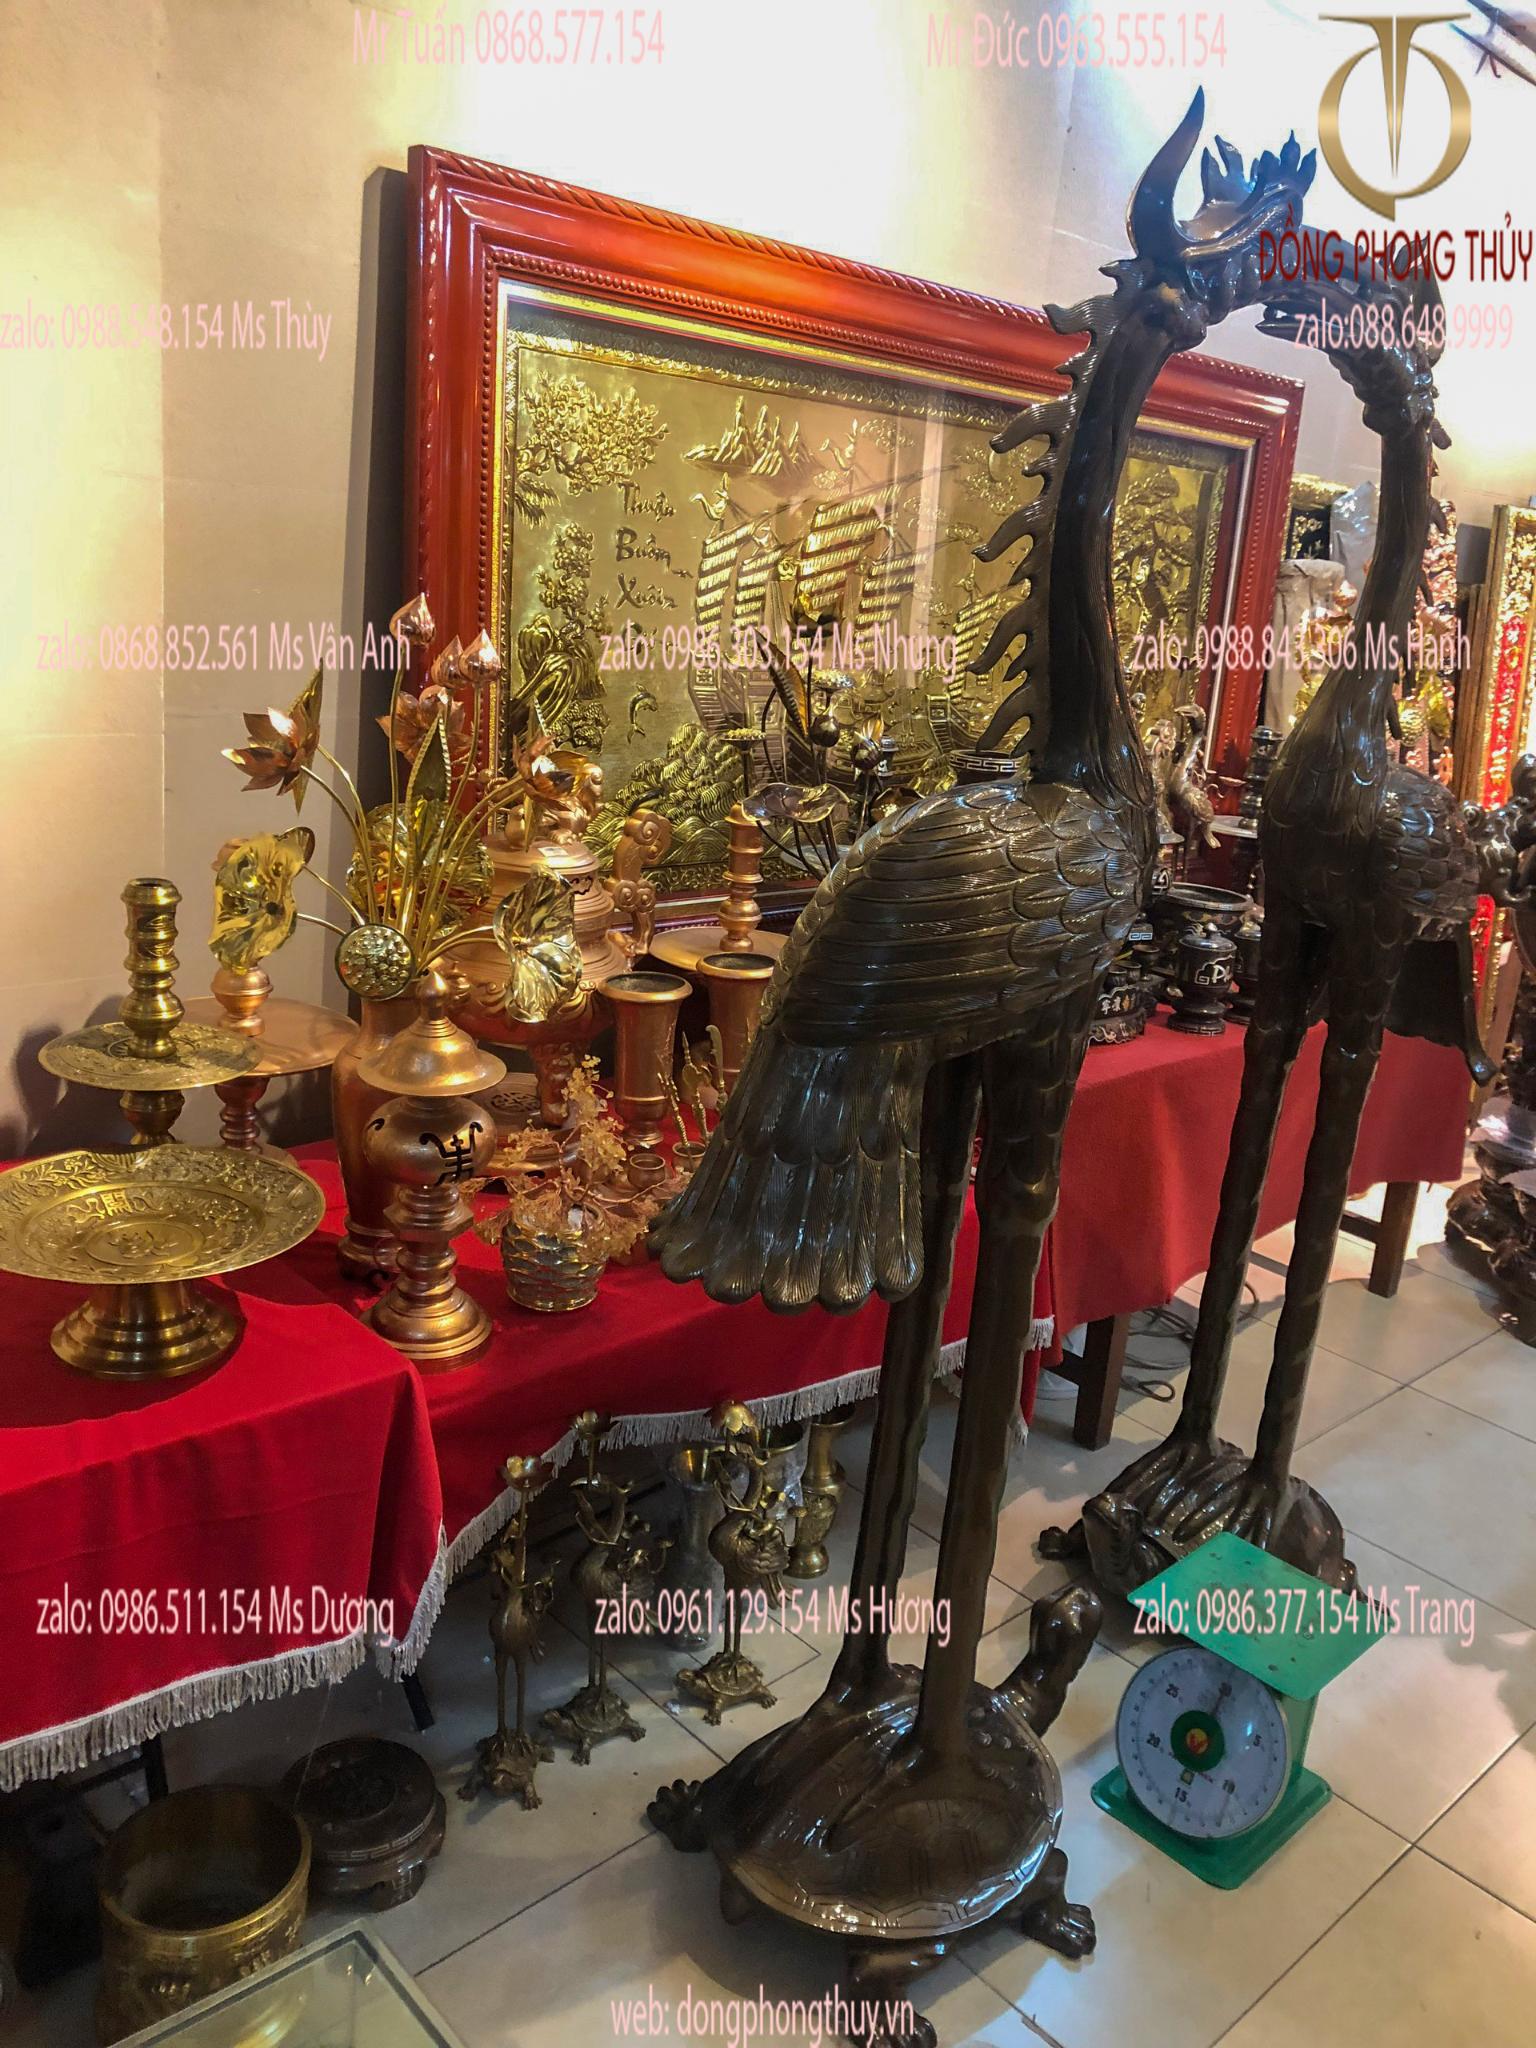 Đôi hạc đồng-hạc thờ 1m97 nặng 150kg đồng đỏ